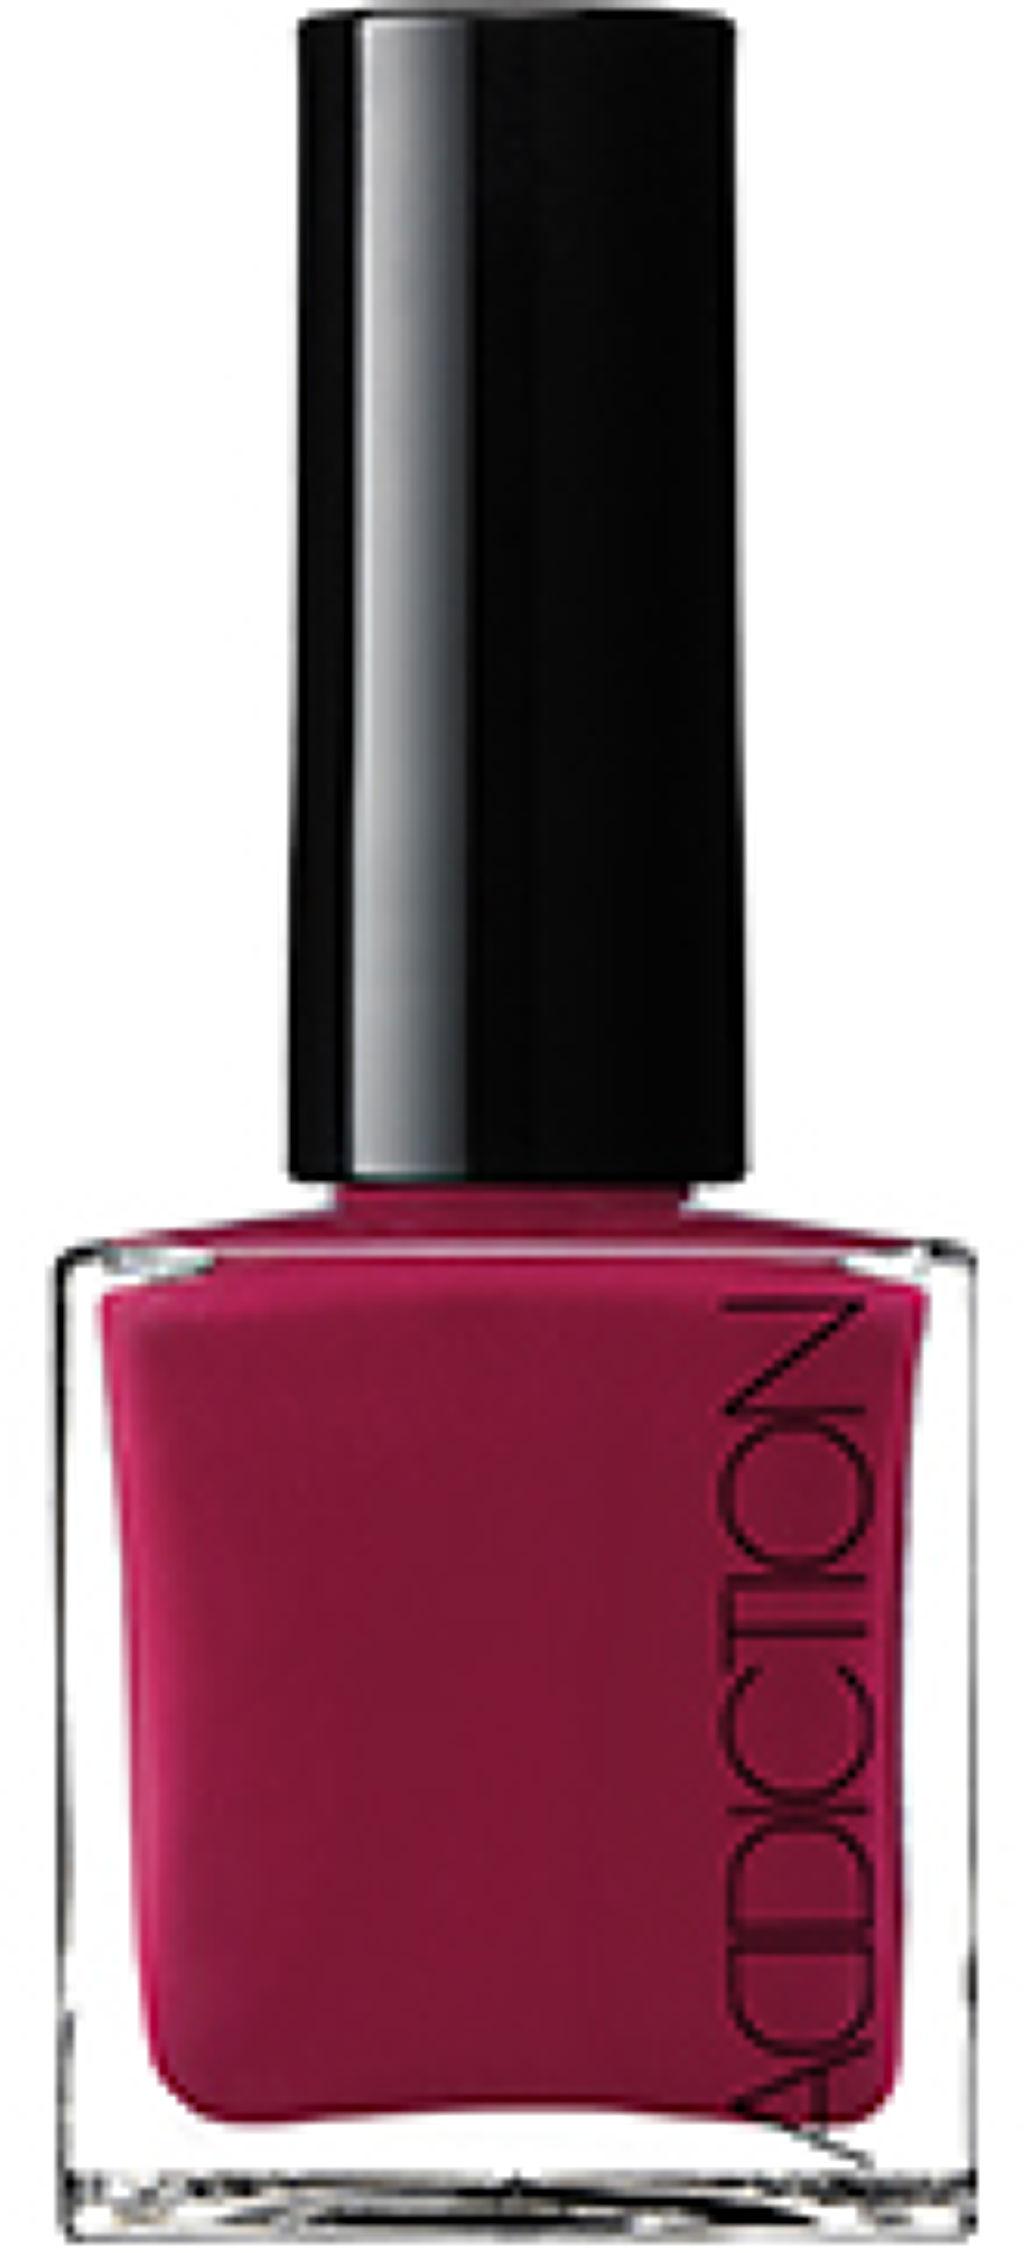 ザ ネイルポリッシュ 057C Inca Rose